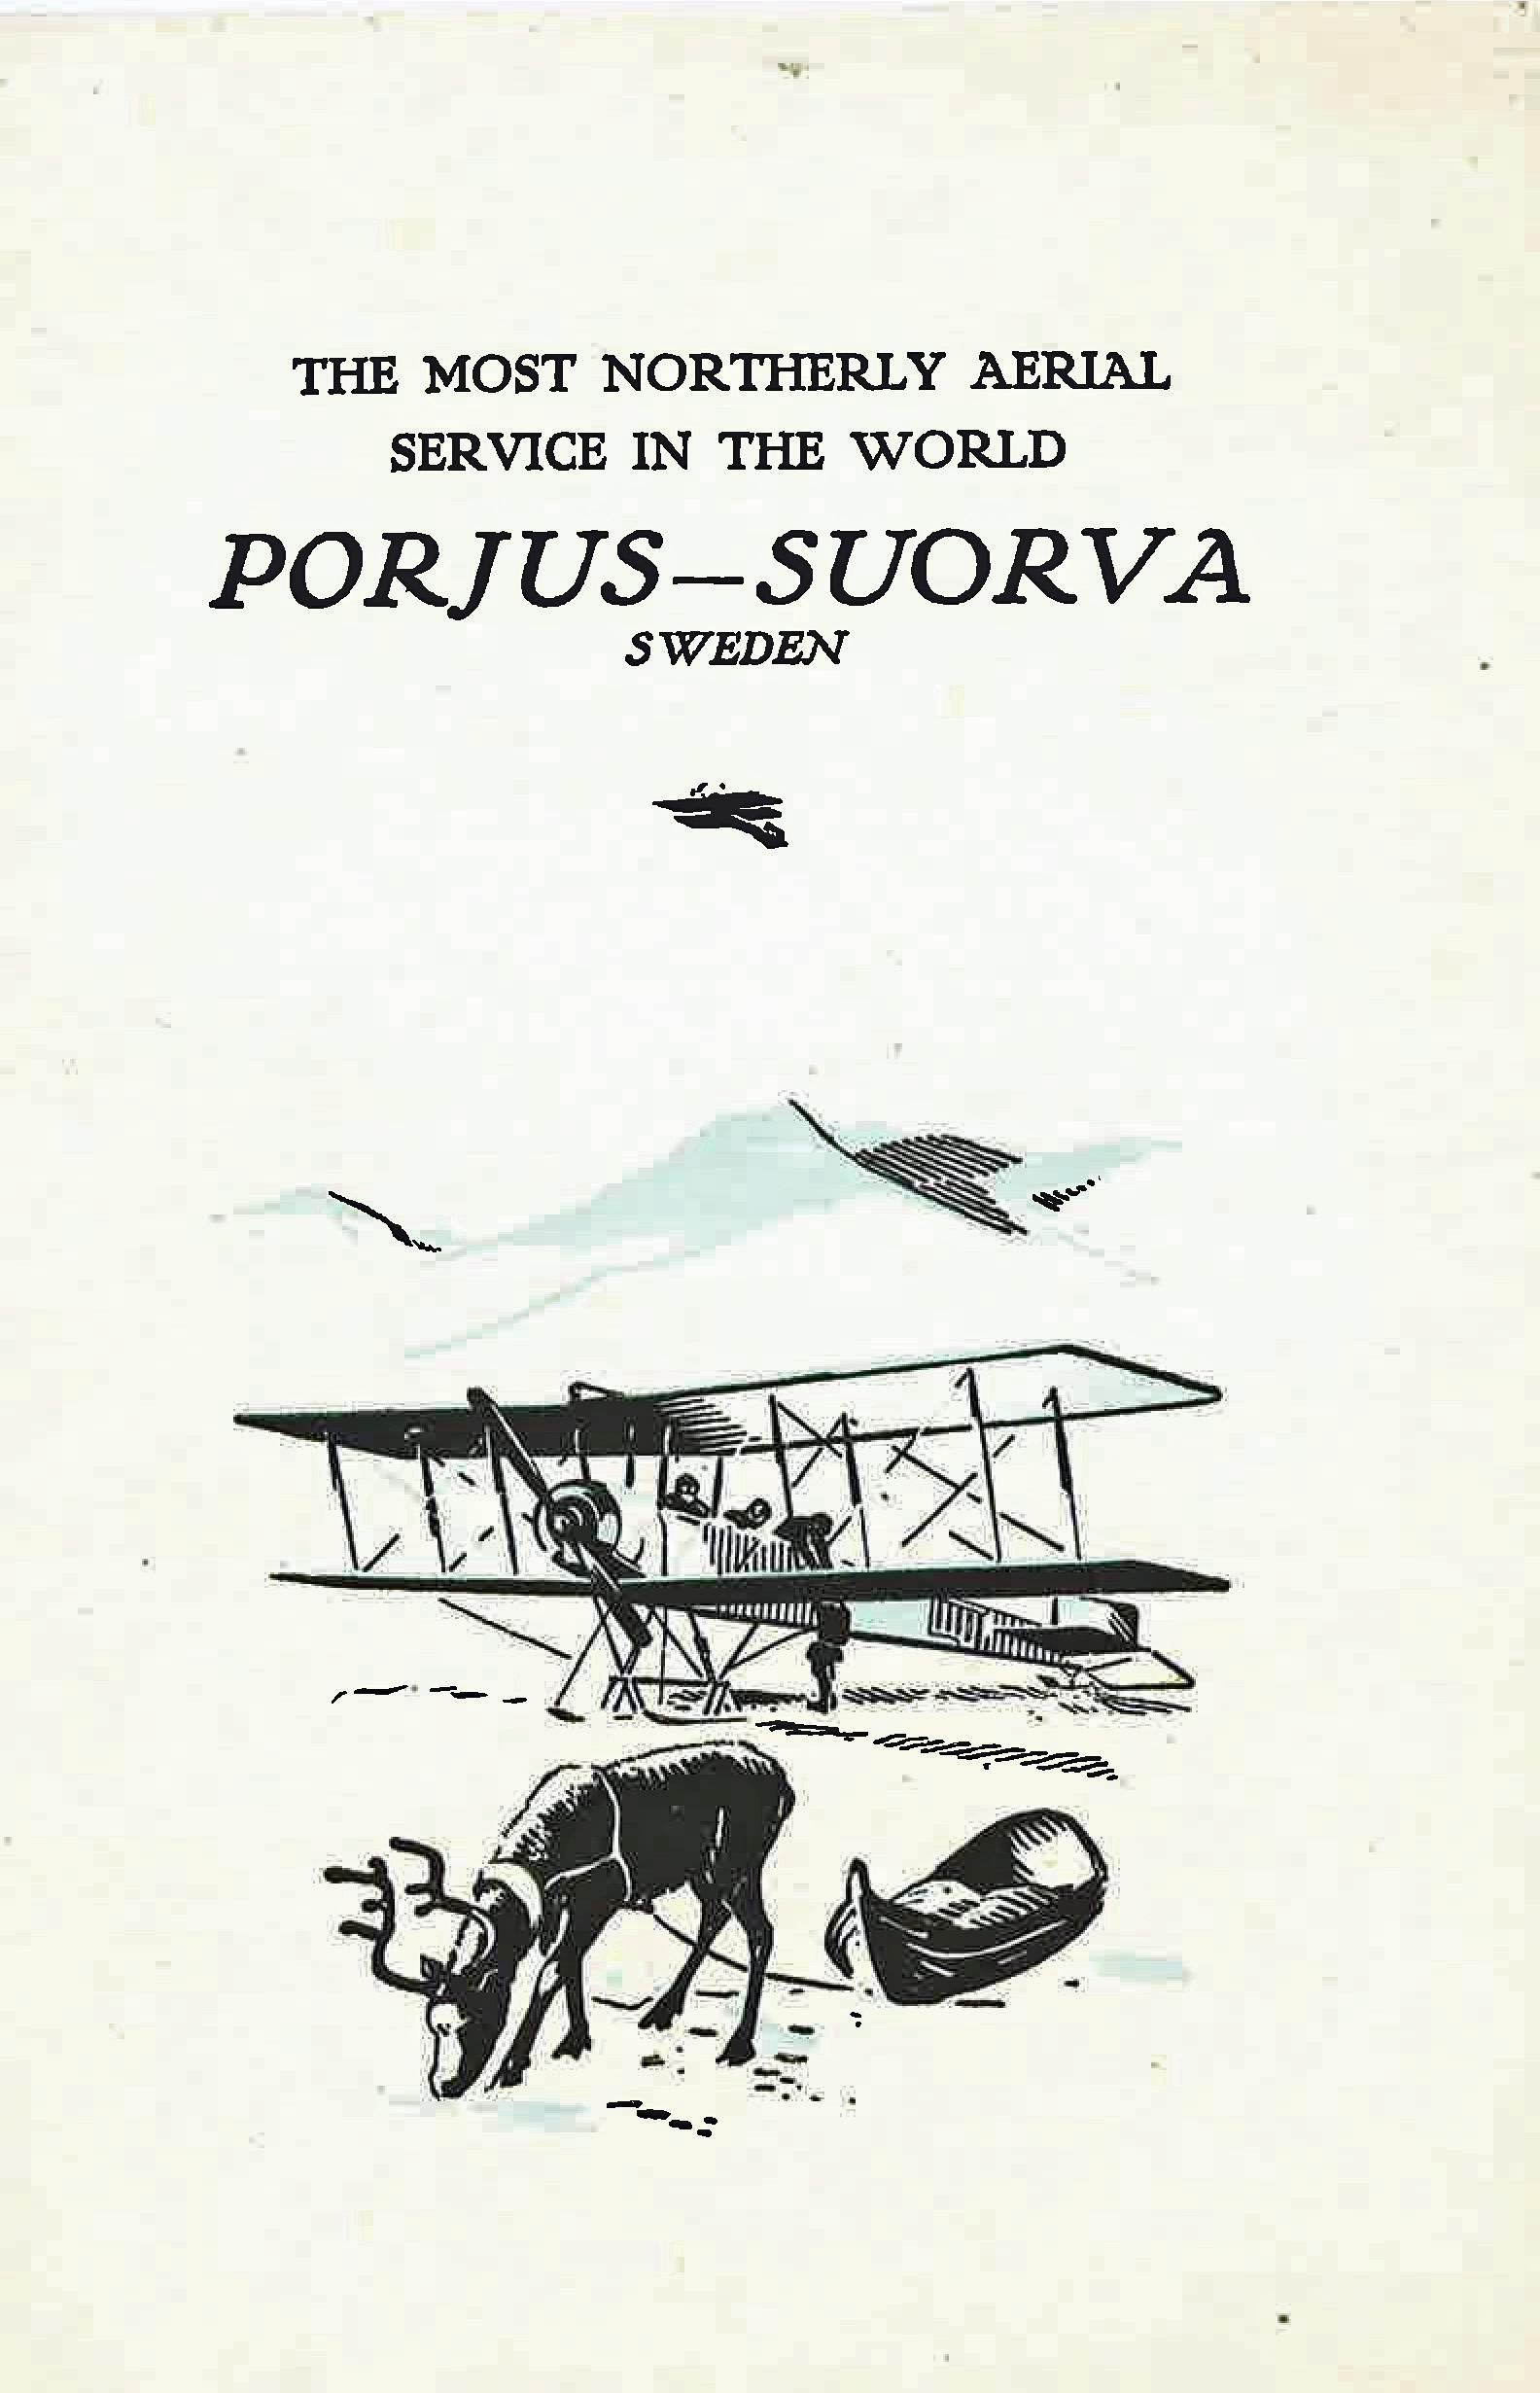 Porjus-suorva route